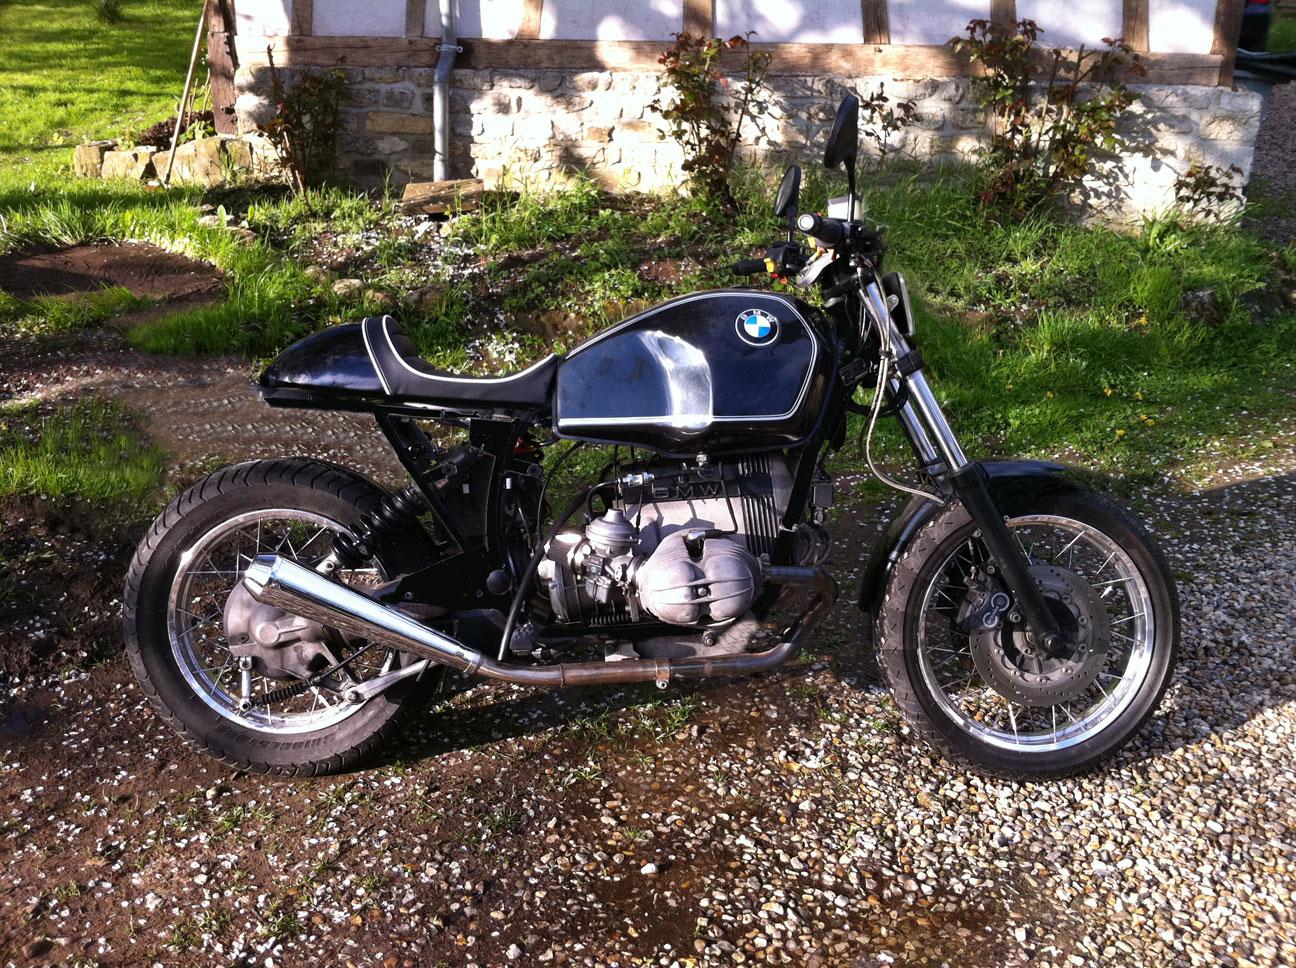 R100R rabbit racer 1368090838-essai-bmw-sans-tete-lapin-petit-phare-2eme-cadre-noir-garde-boue-long-sans-pare-cylindre